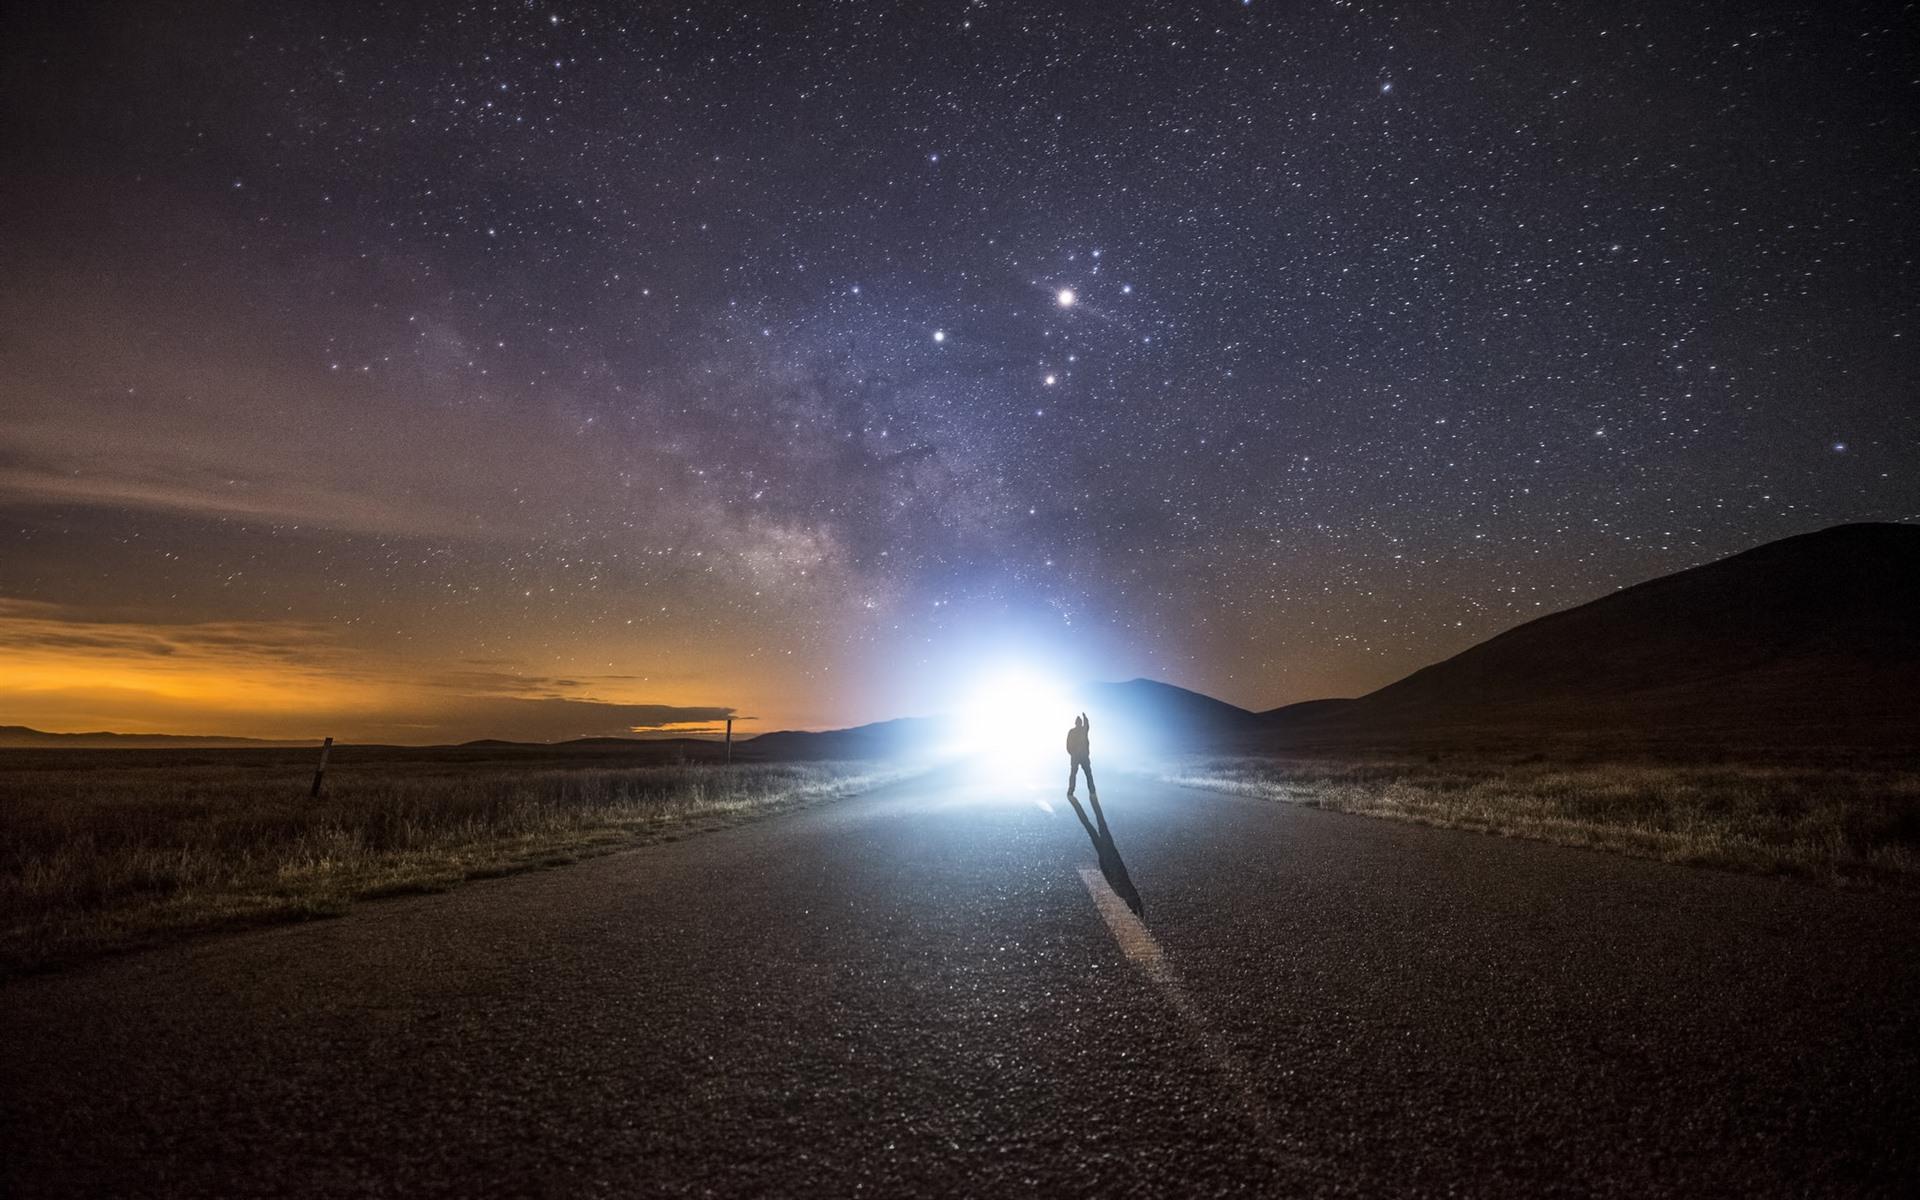 дорога в ночь картинки звезда необходимо помыть